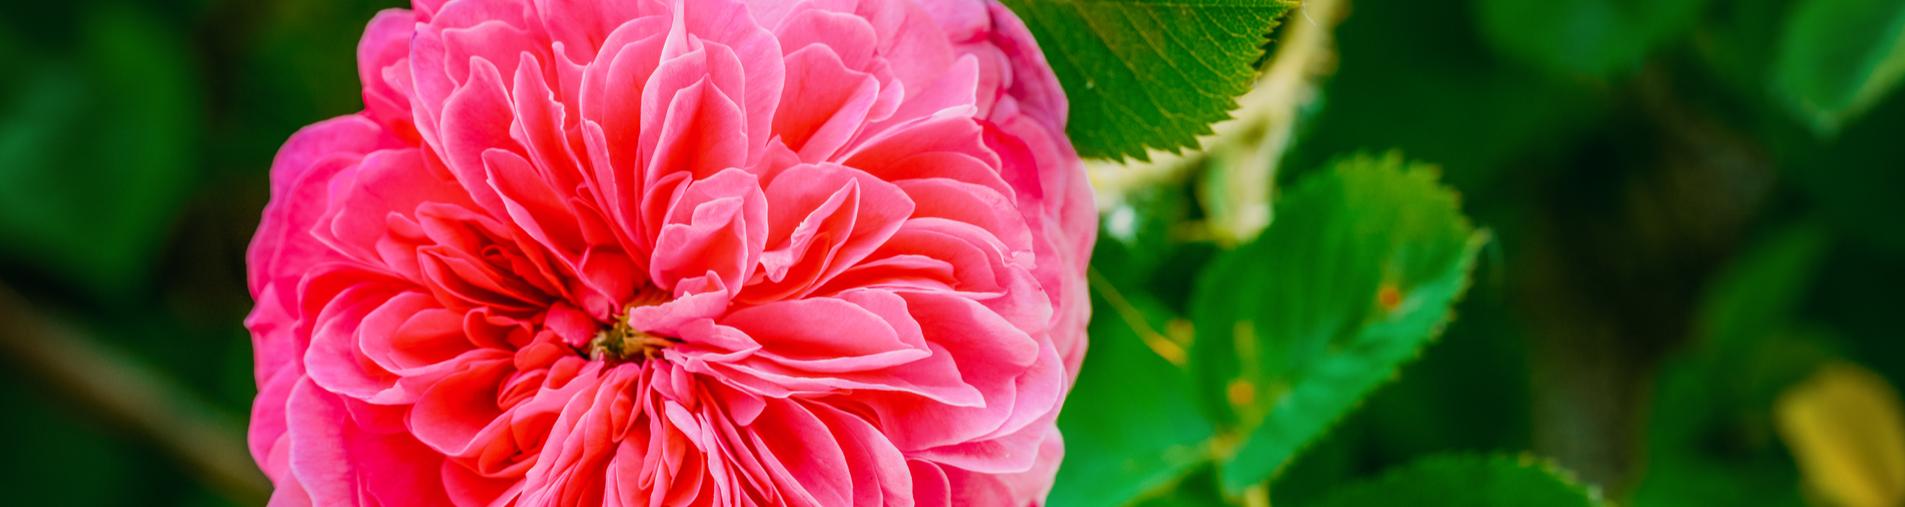 Saisonnalité de Rosa centifolia